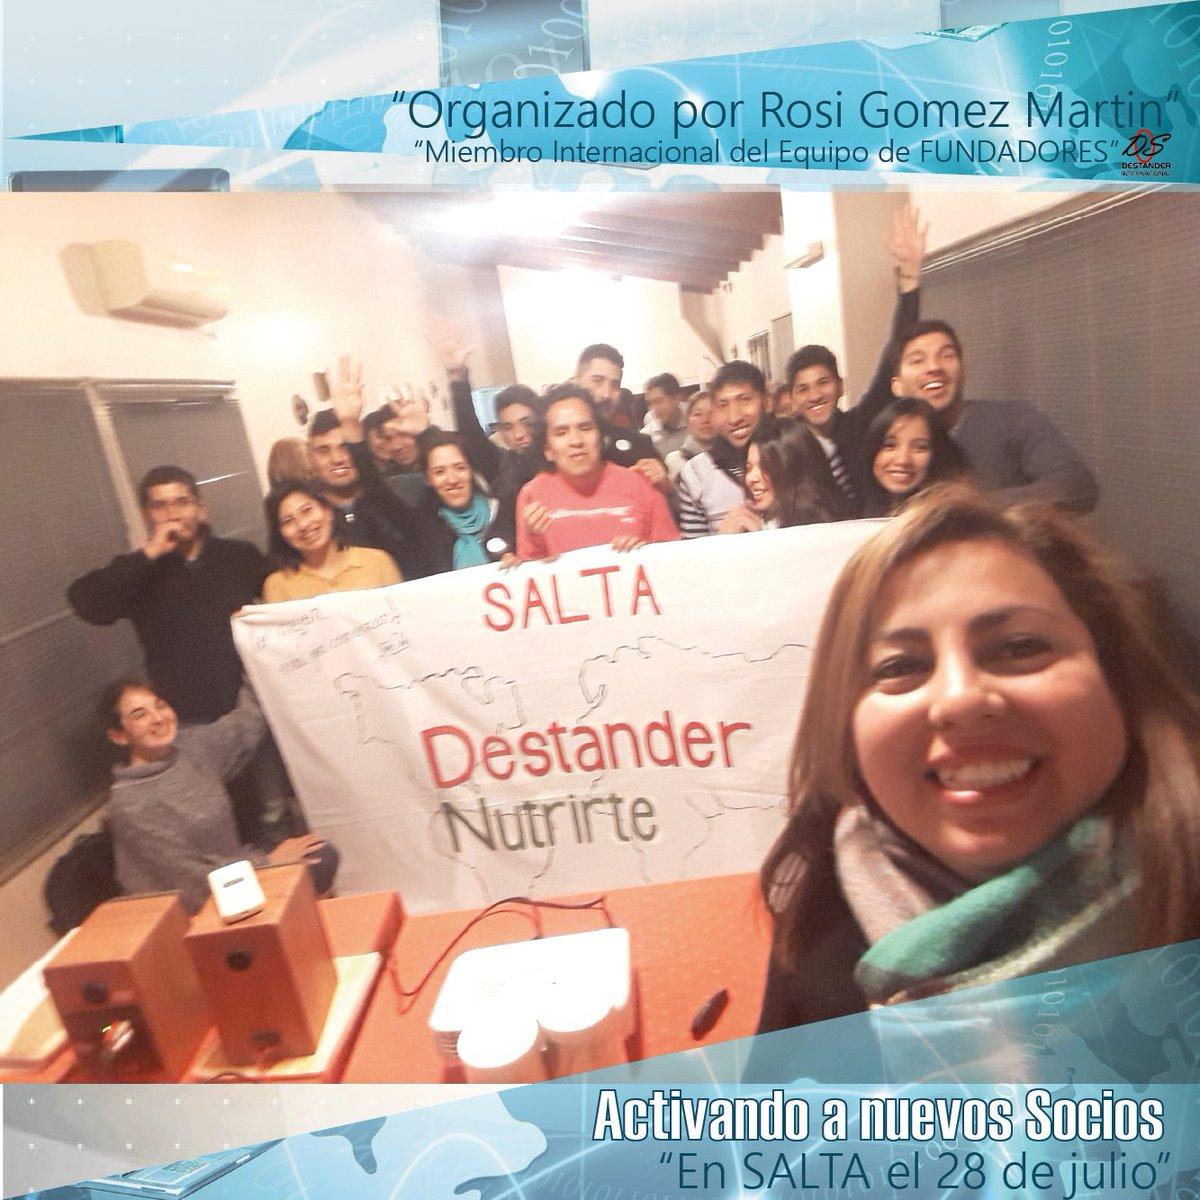 Activando Nuevos Socios  👏👨💼  En Salta el 28 de julio 2018.  Organizado por Rosi Gomez Martin  Miembro Internacional del Equipo de Fundadores DS Internacional https://t.co/ZQsXi6qDuQ